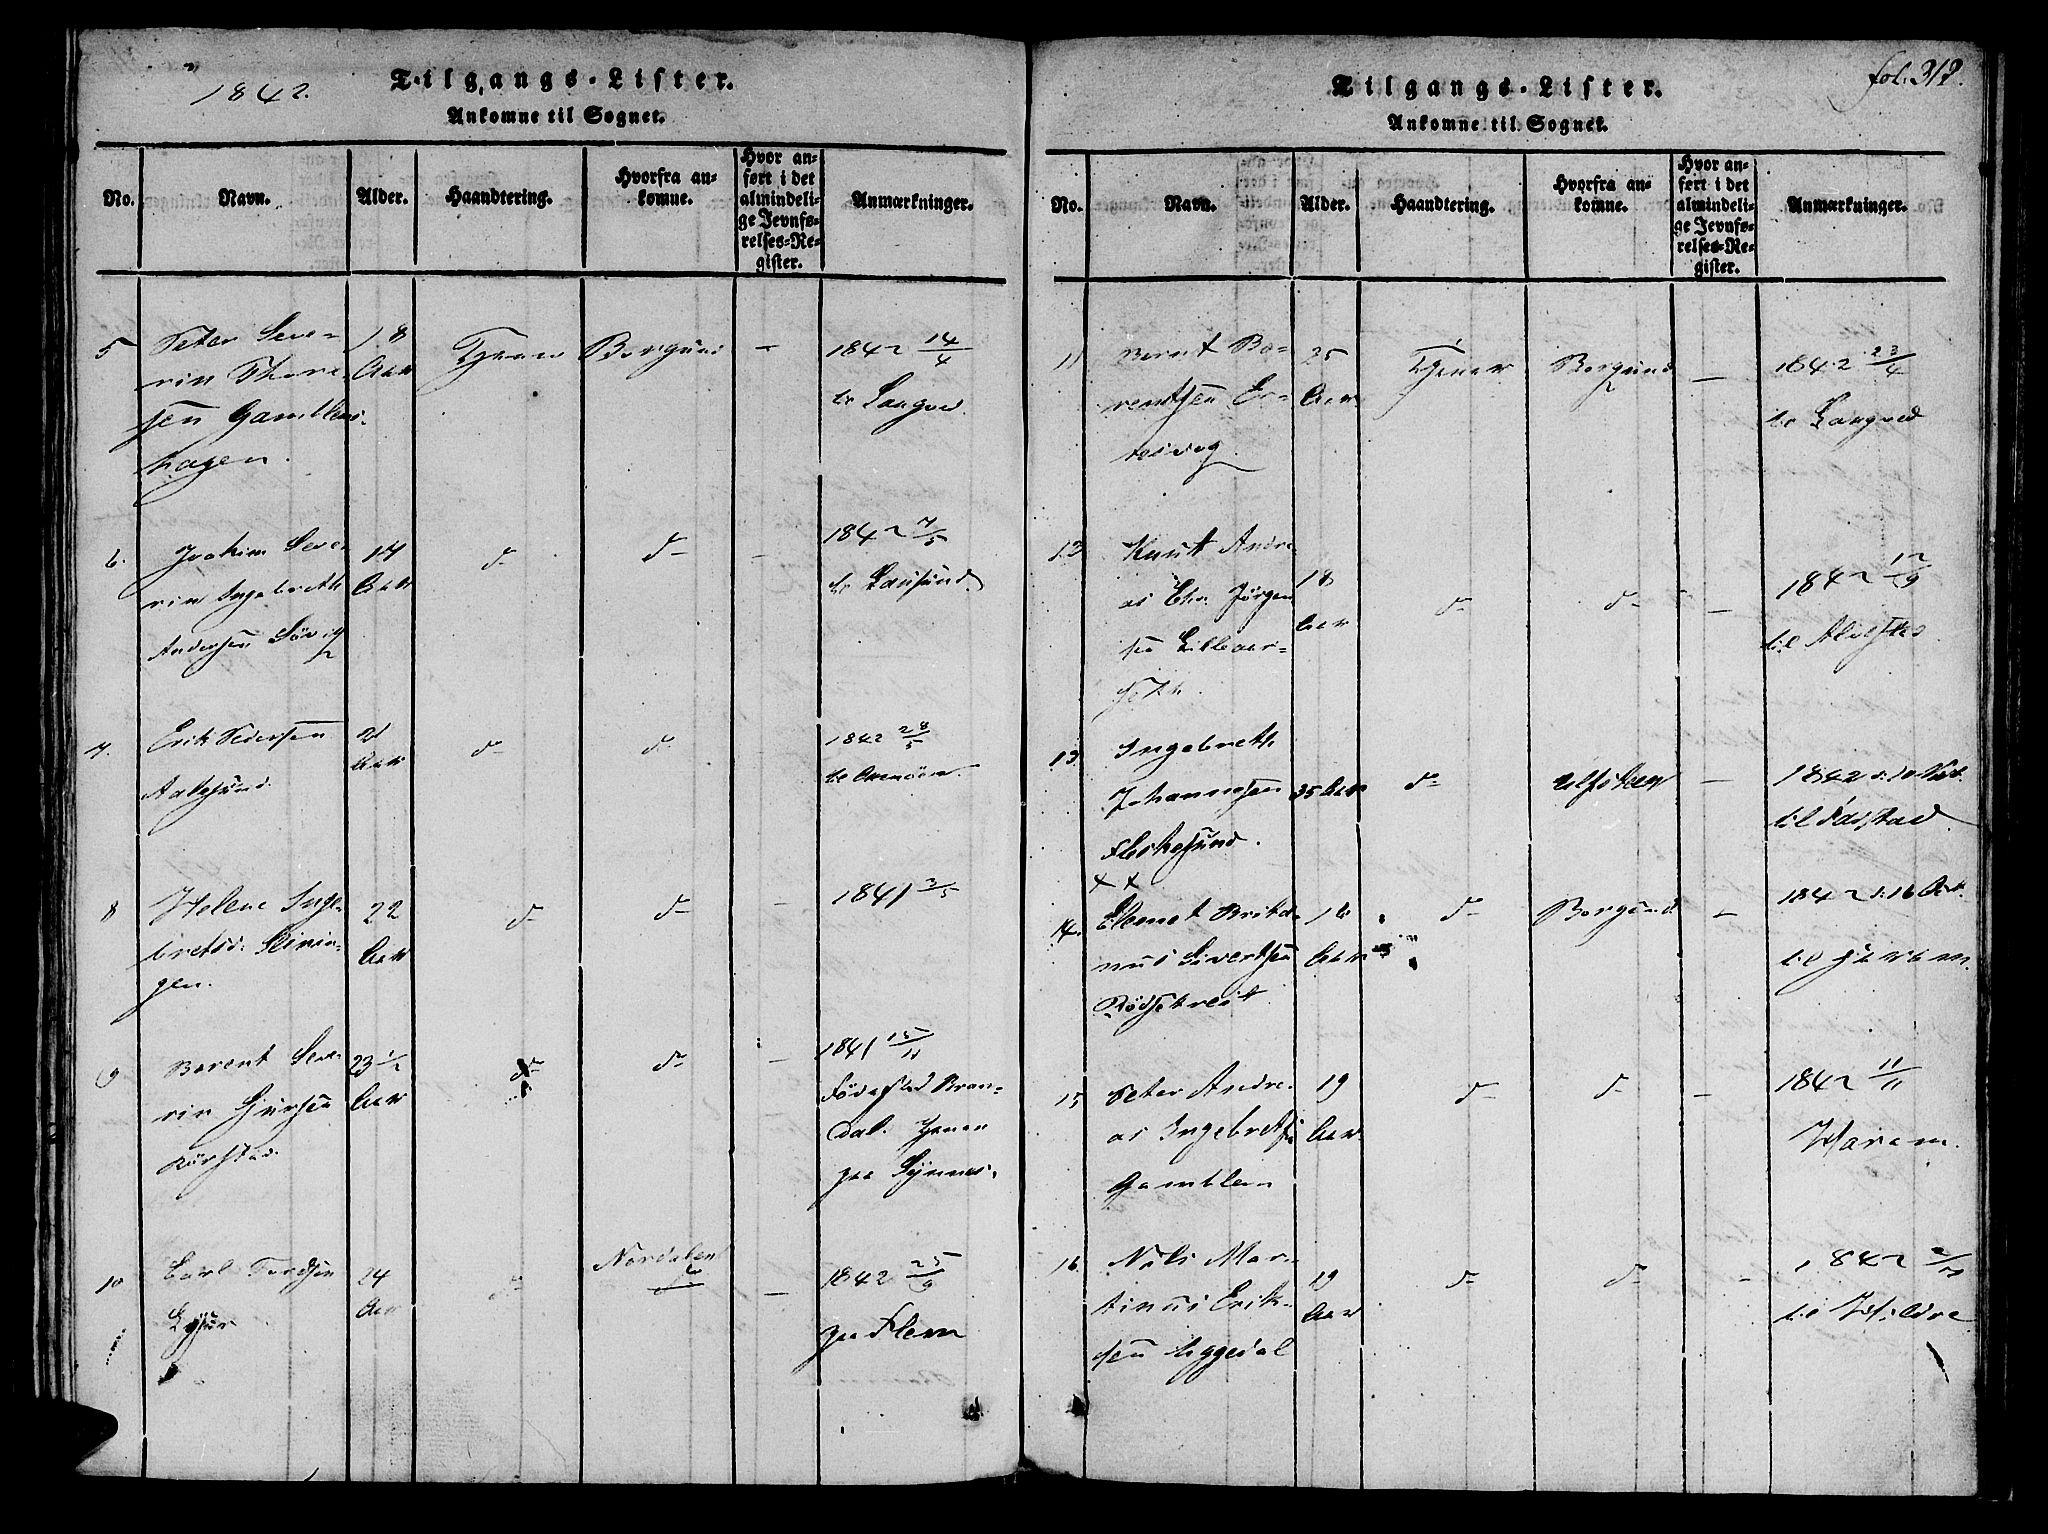 SAT, Ministerialprotokoller, klokkerbøker og fødselsregistre - Møre og Romsdal, 536/L0495: Ministerialbok nr. 536A04, 1818-1847, s. 312